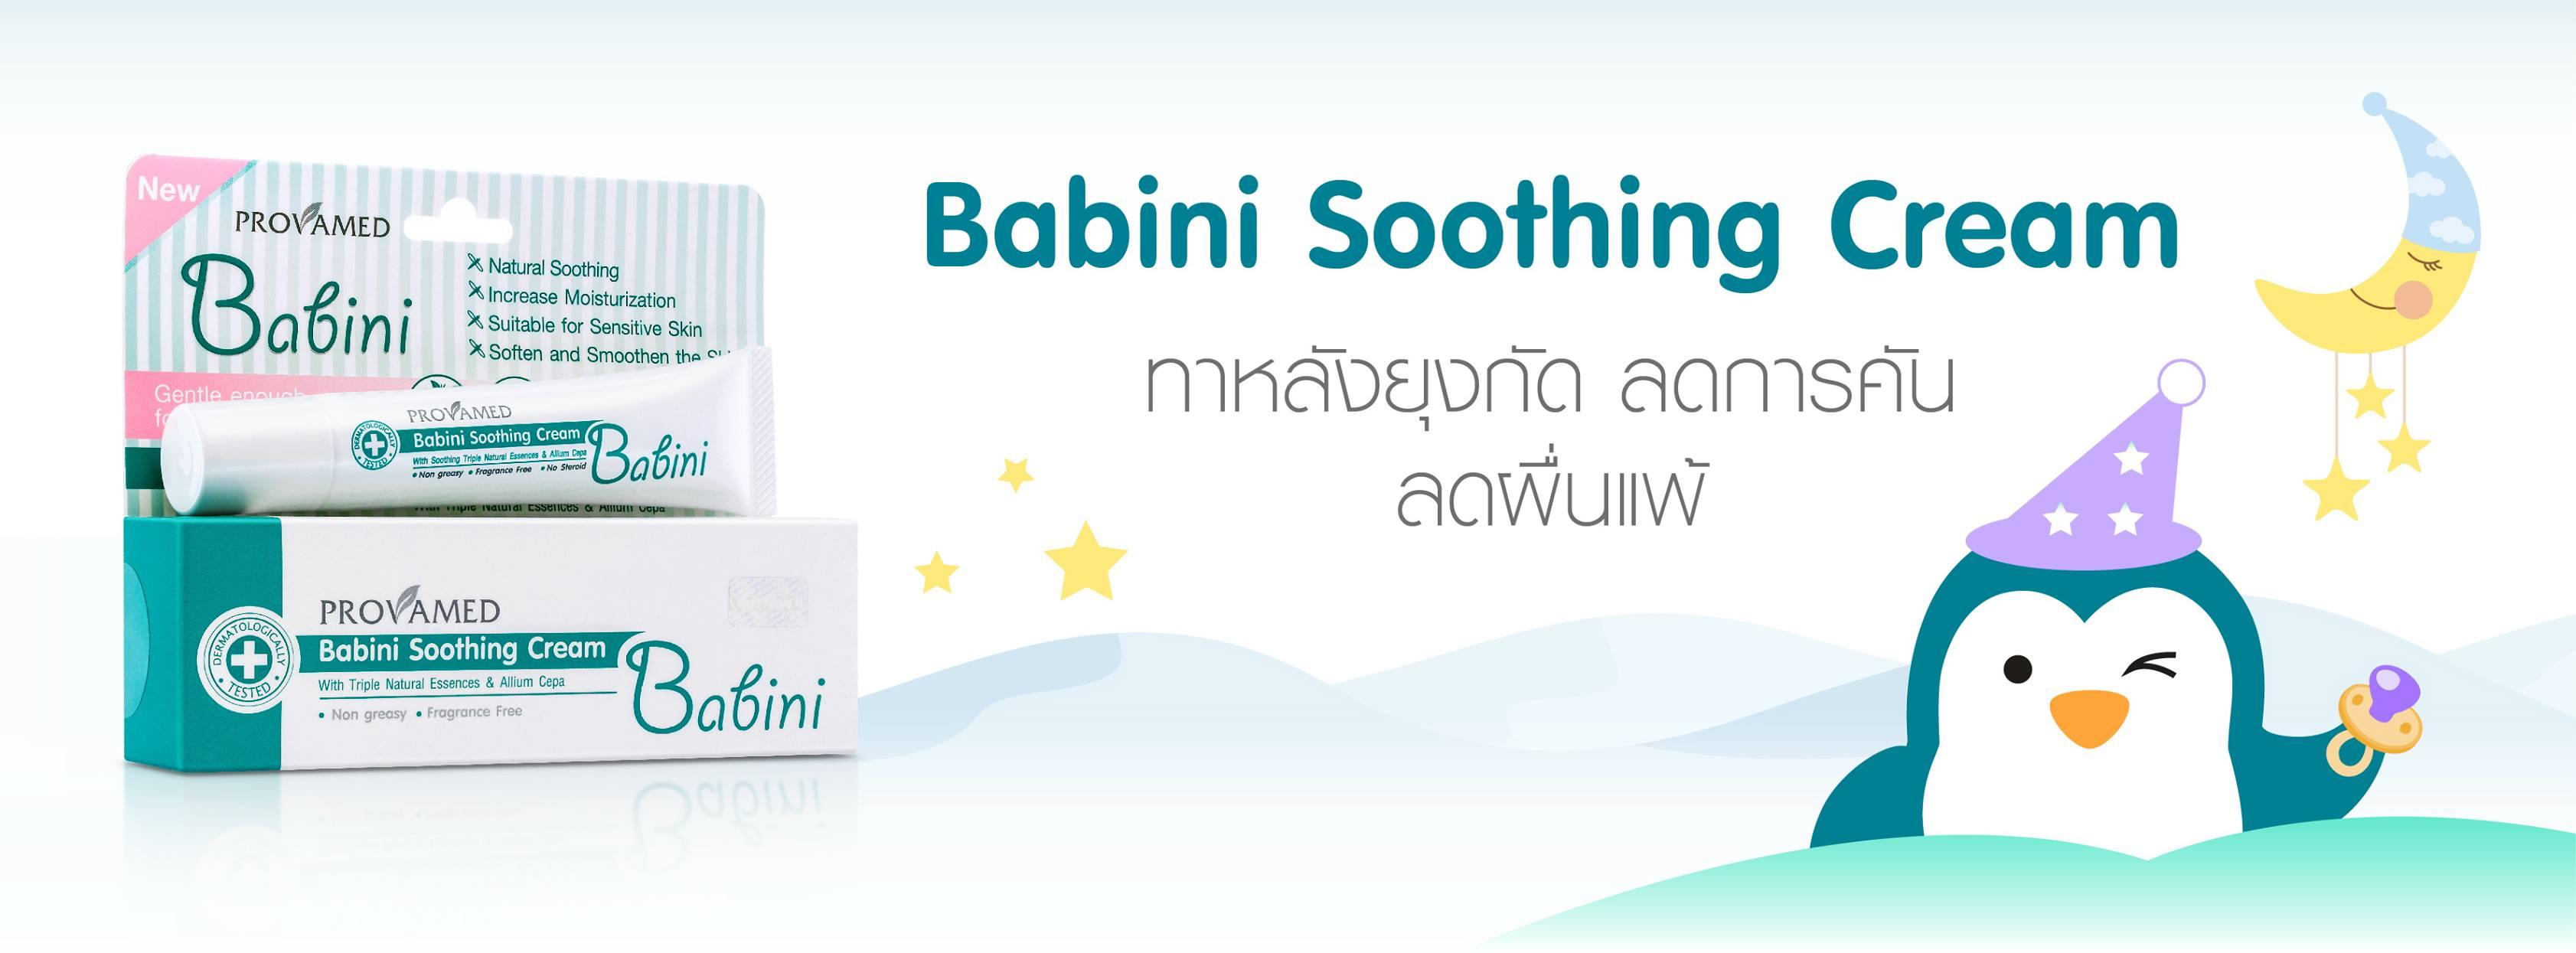 babini snoothing cream